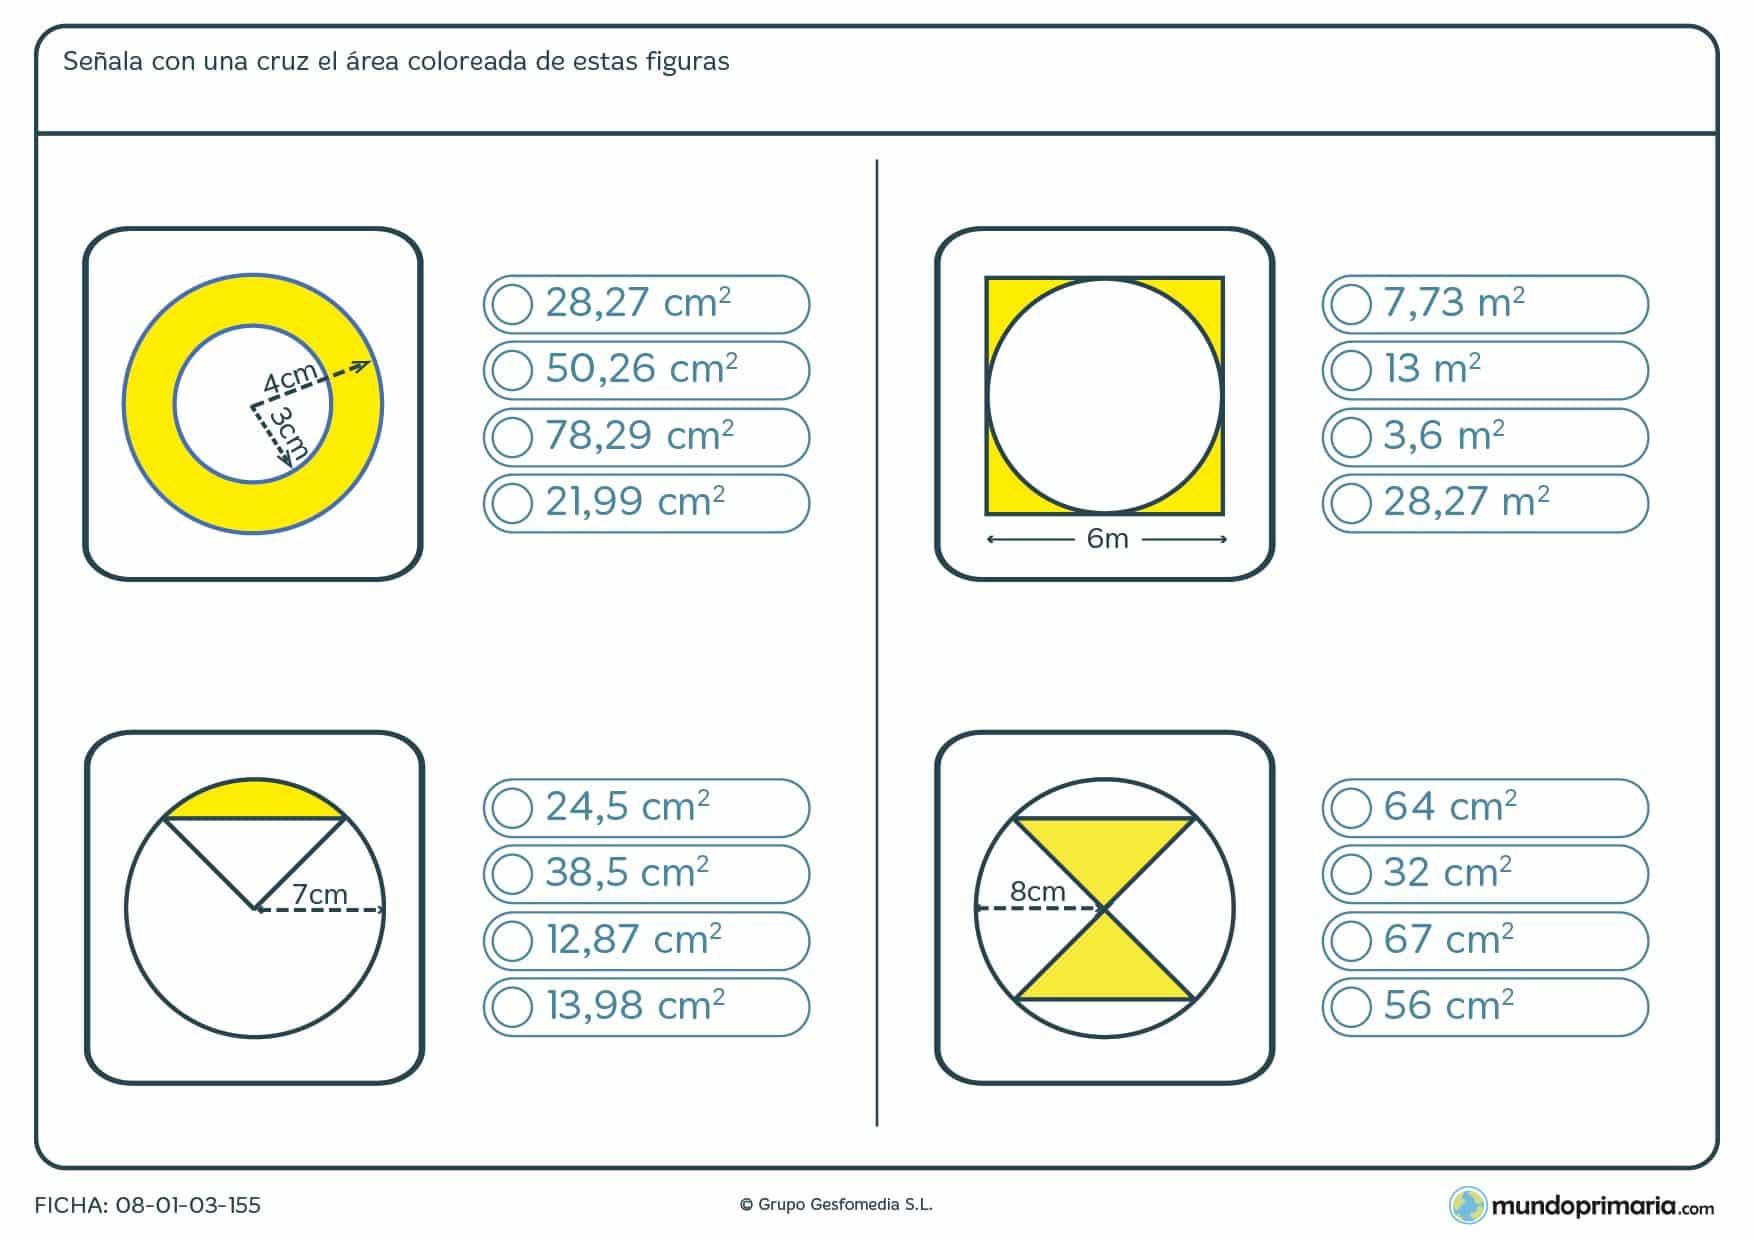 Ficha de partes de áreas de un círculo teniendo en cuenta los datos proporcionados en la ficha.